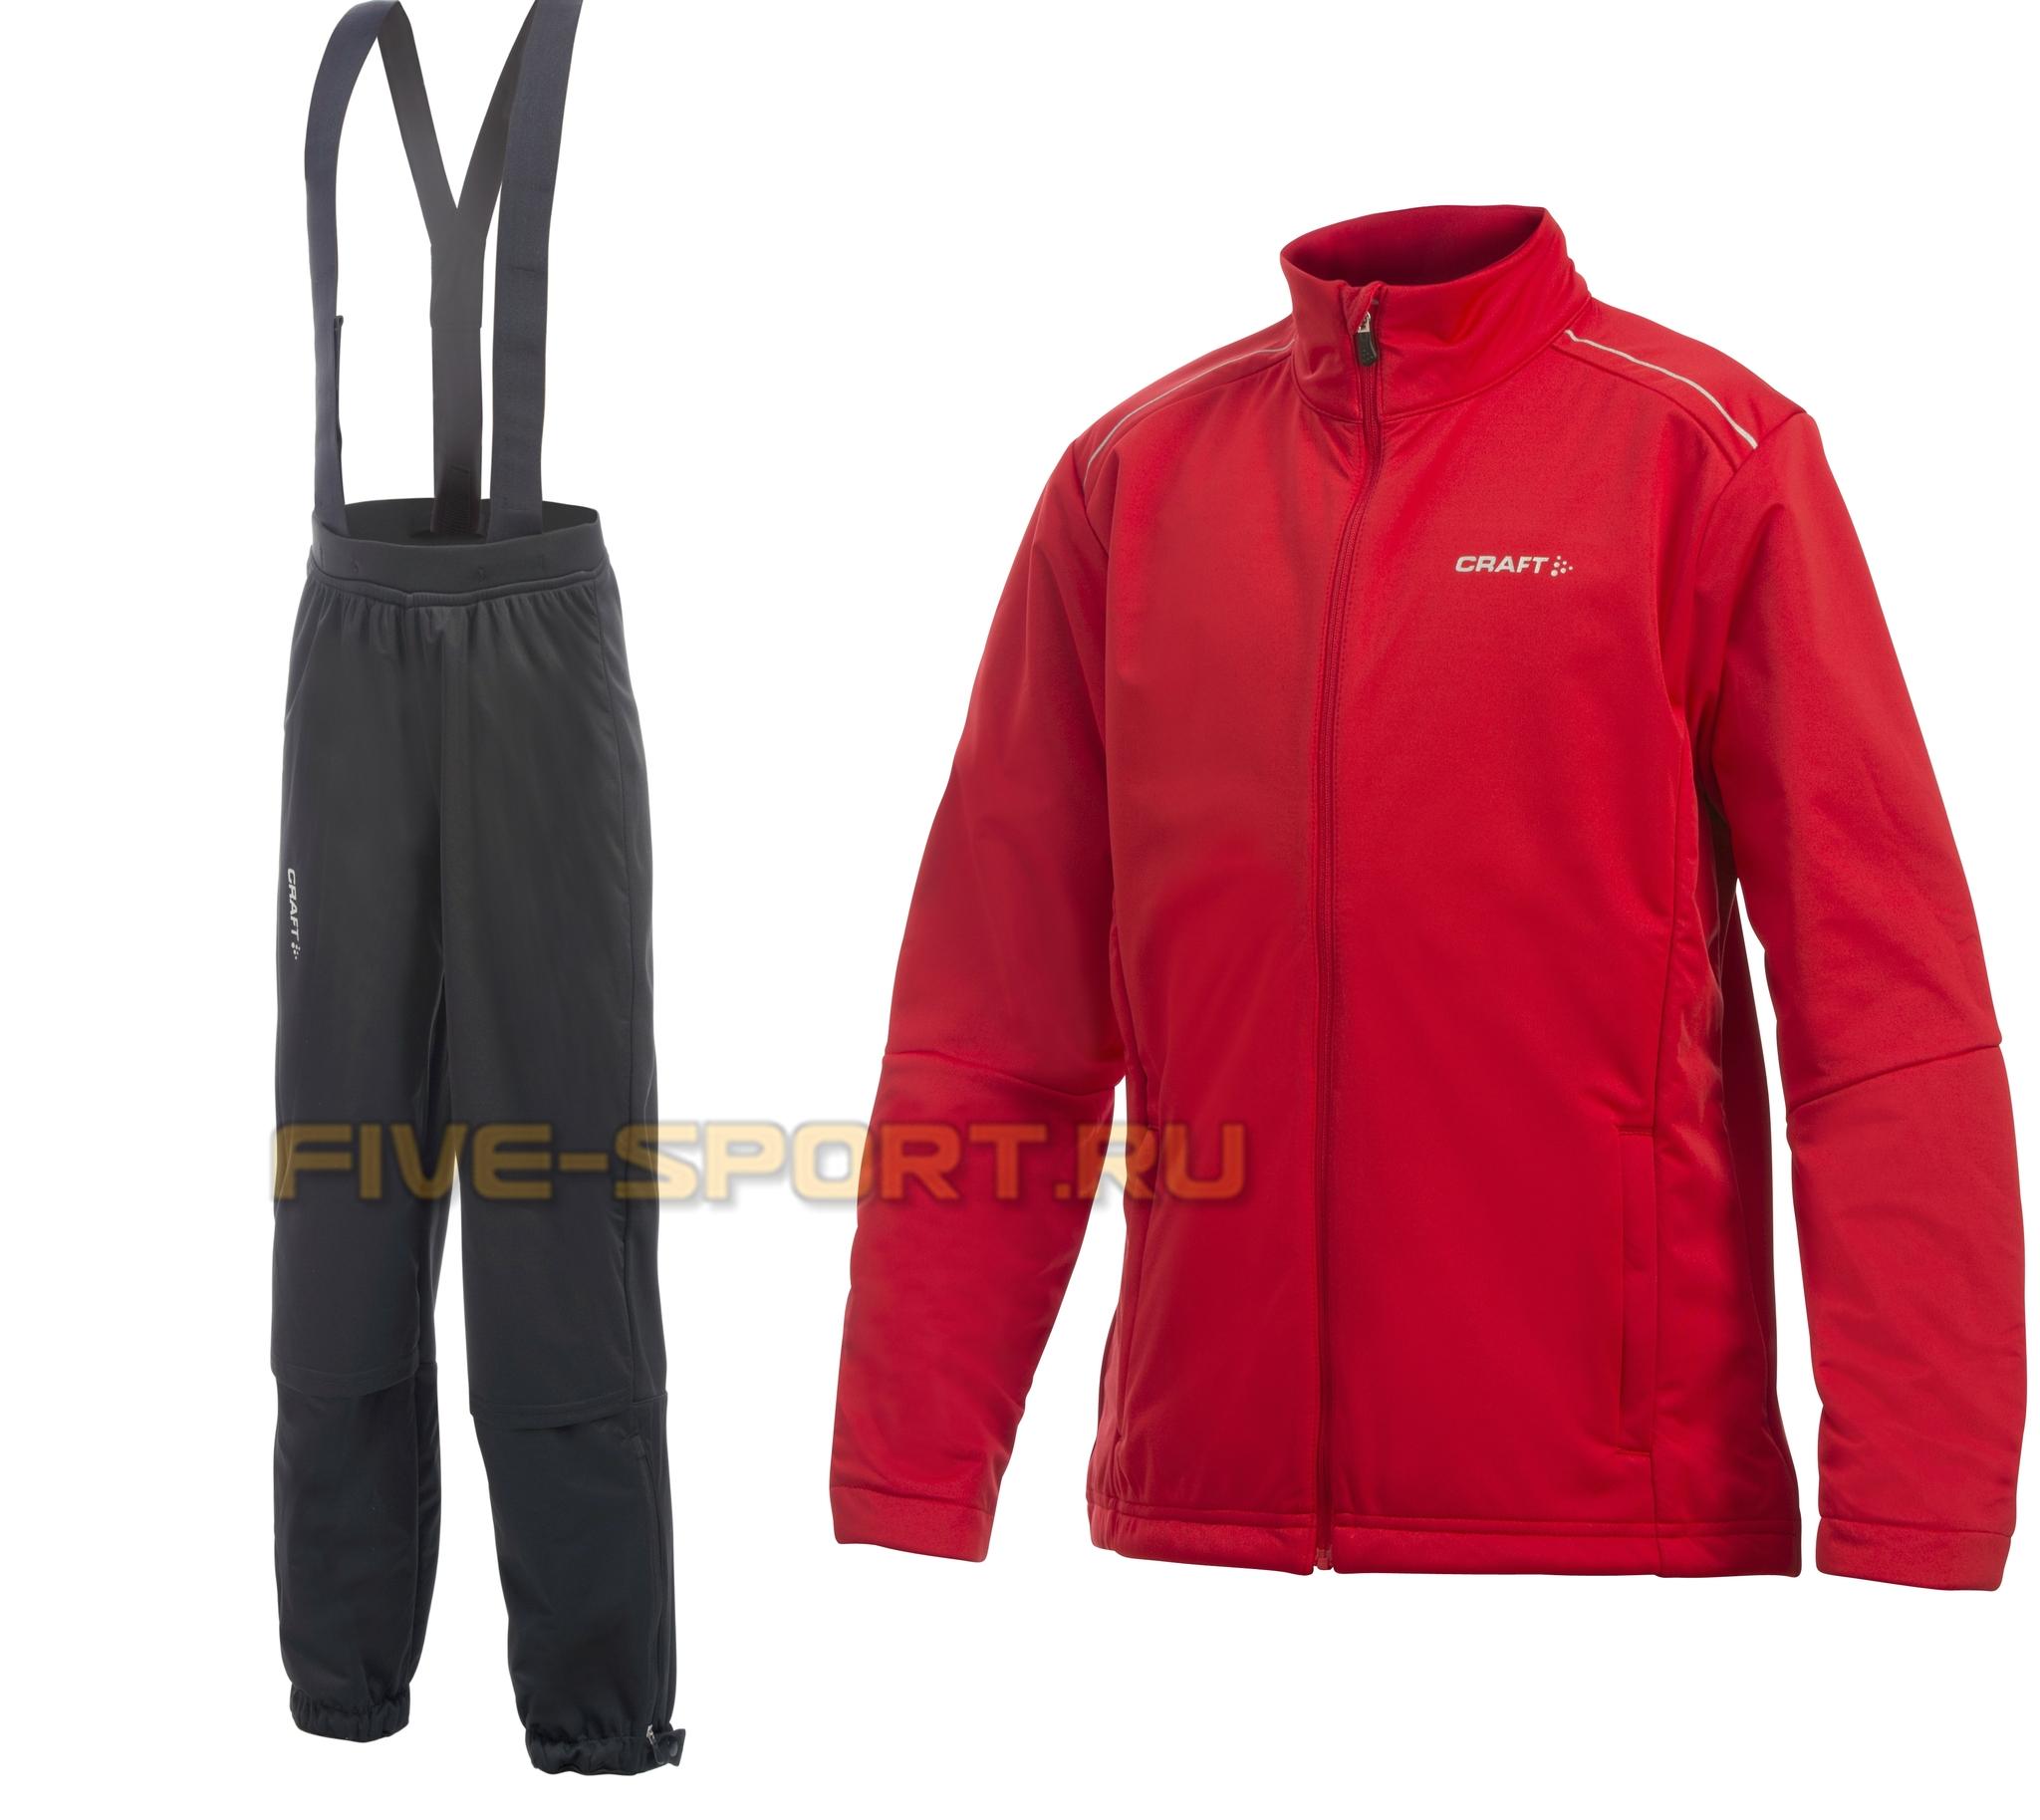 Детский лыжный костюм Craft warm красный